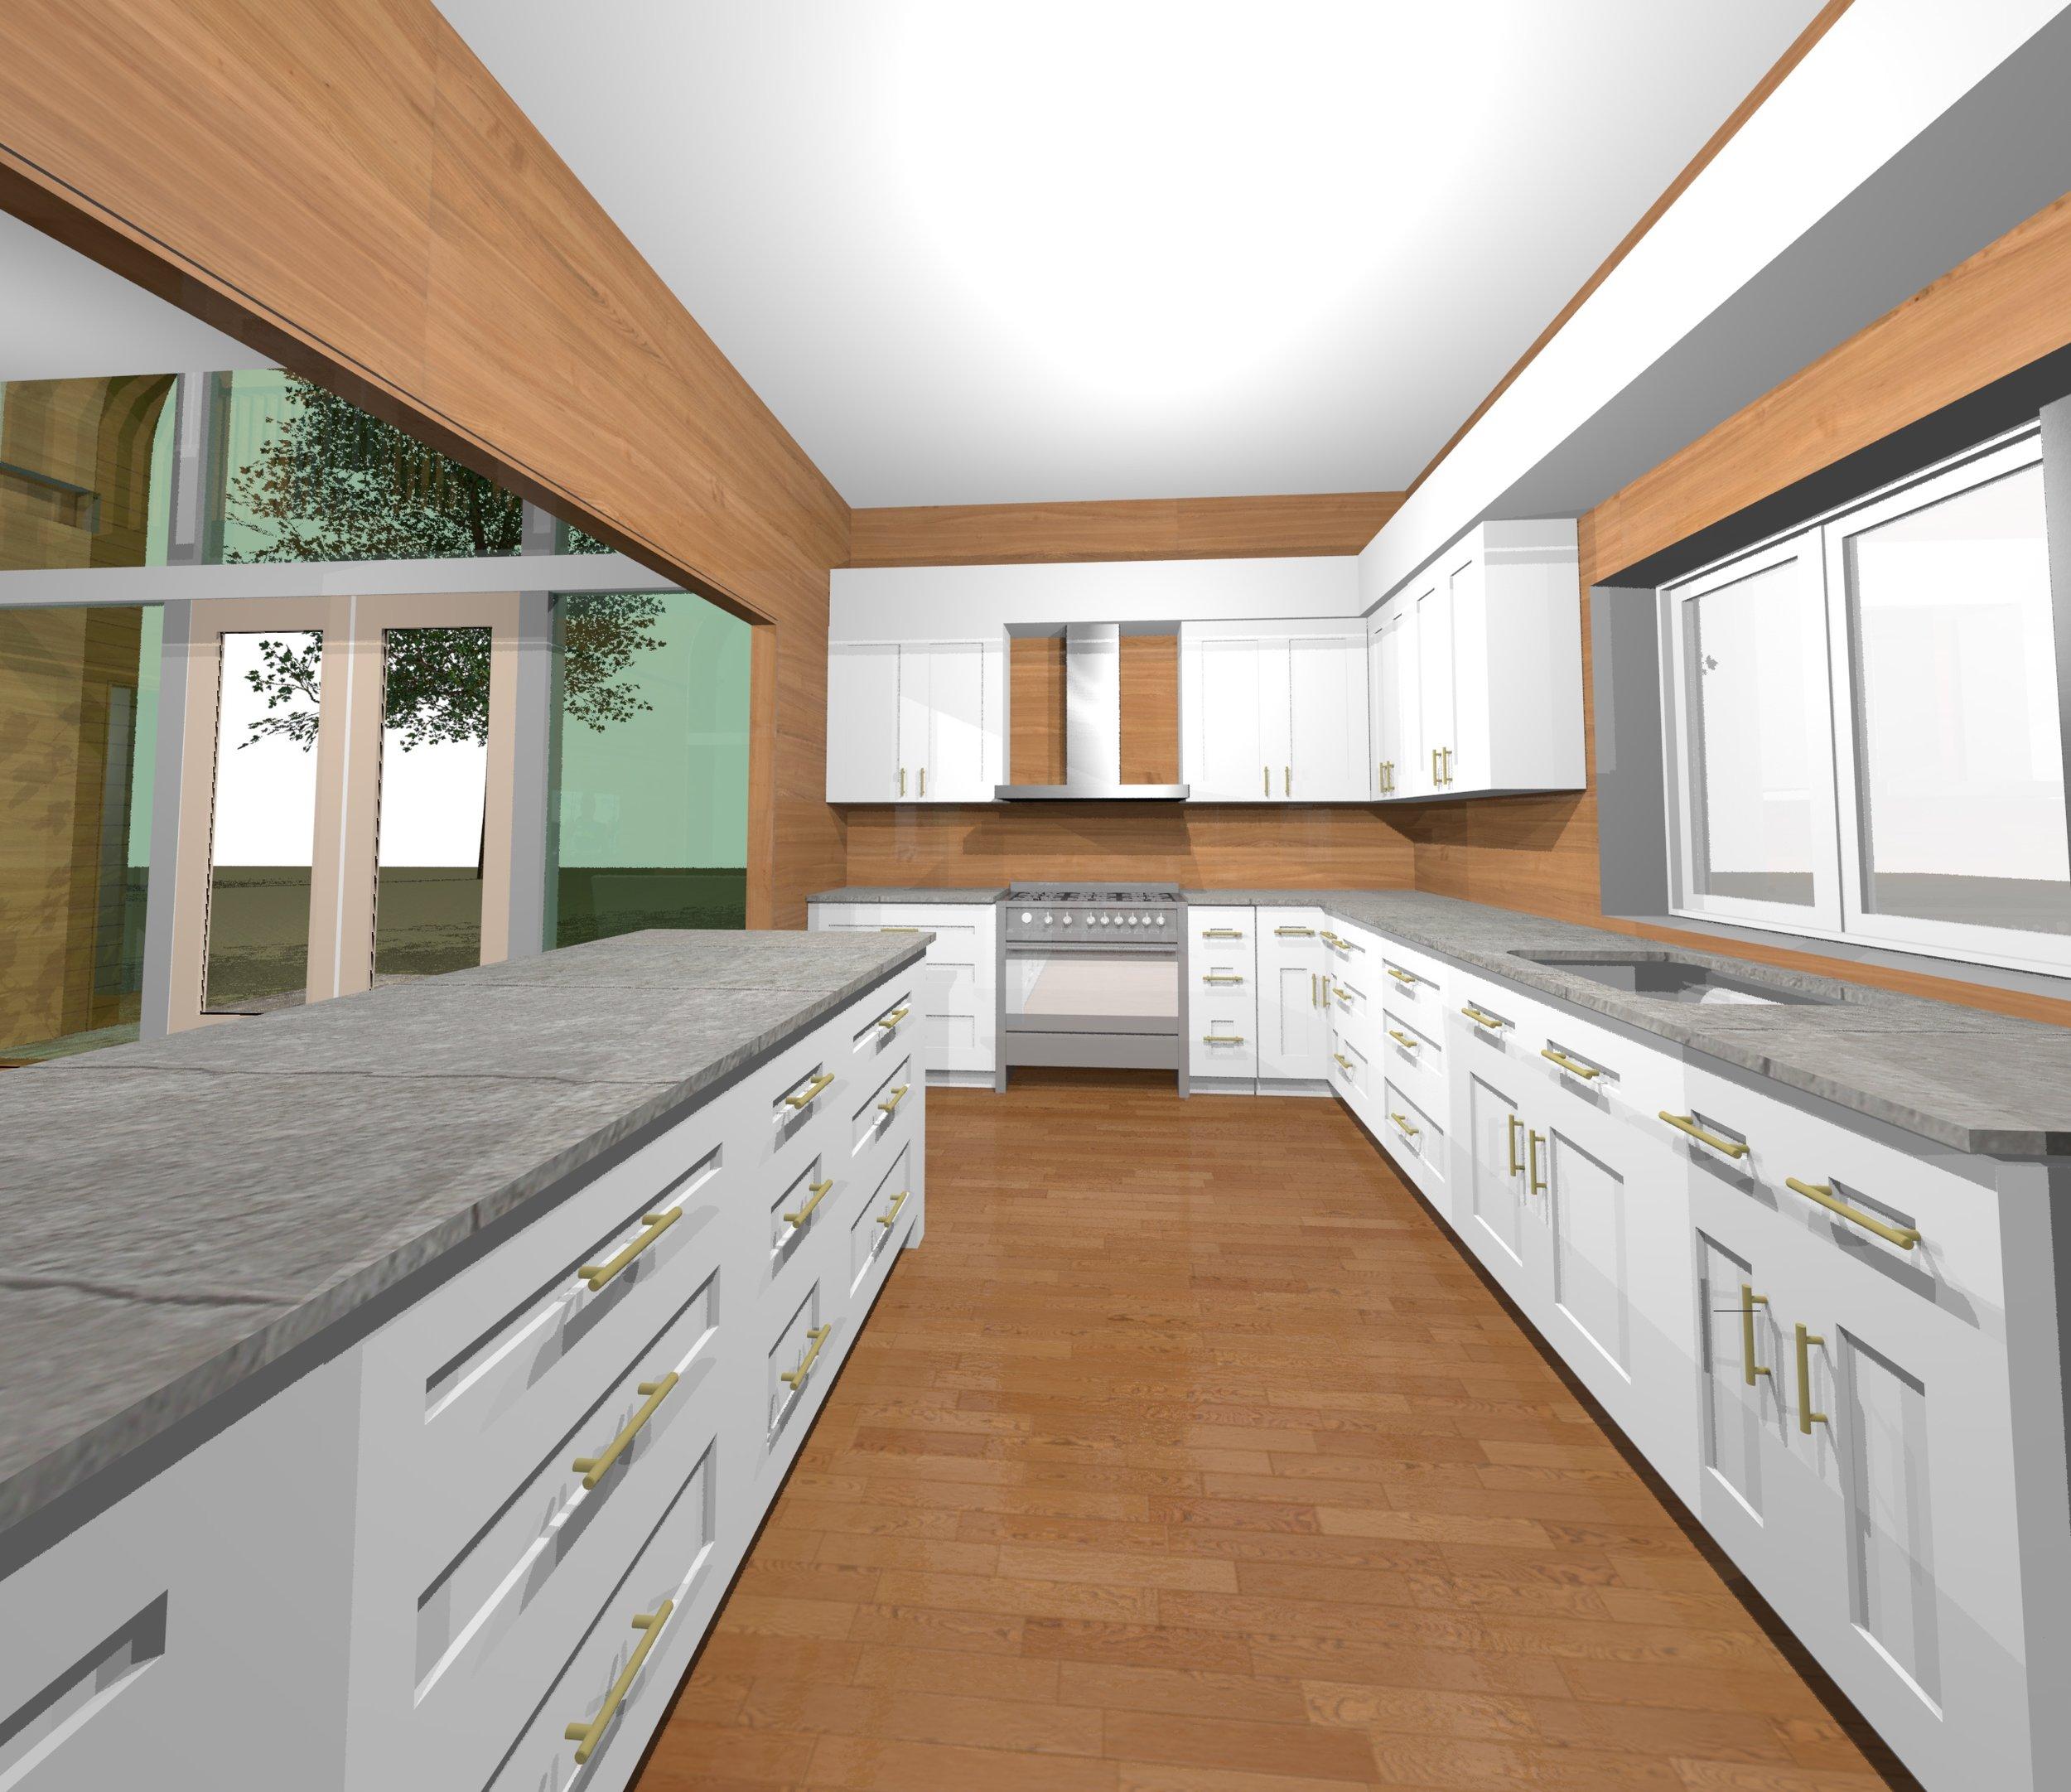 TH-3 GOTHIK BARN int v29 kitchenjpg.jpg